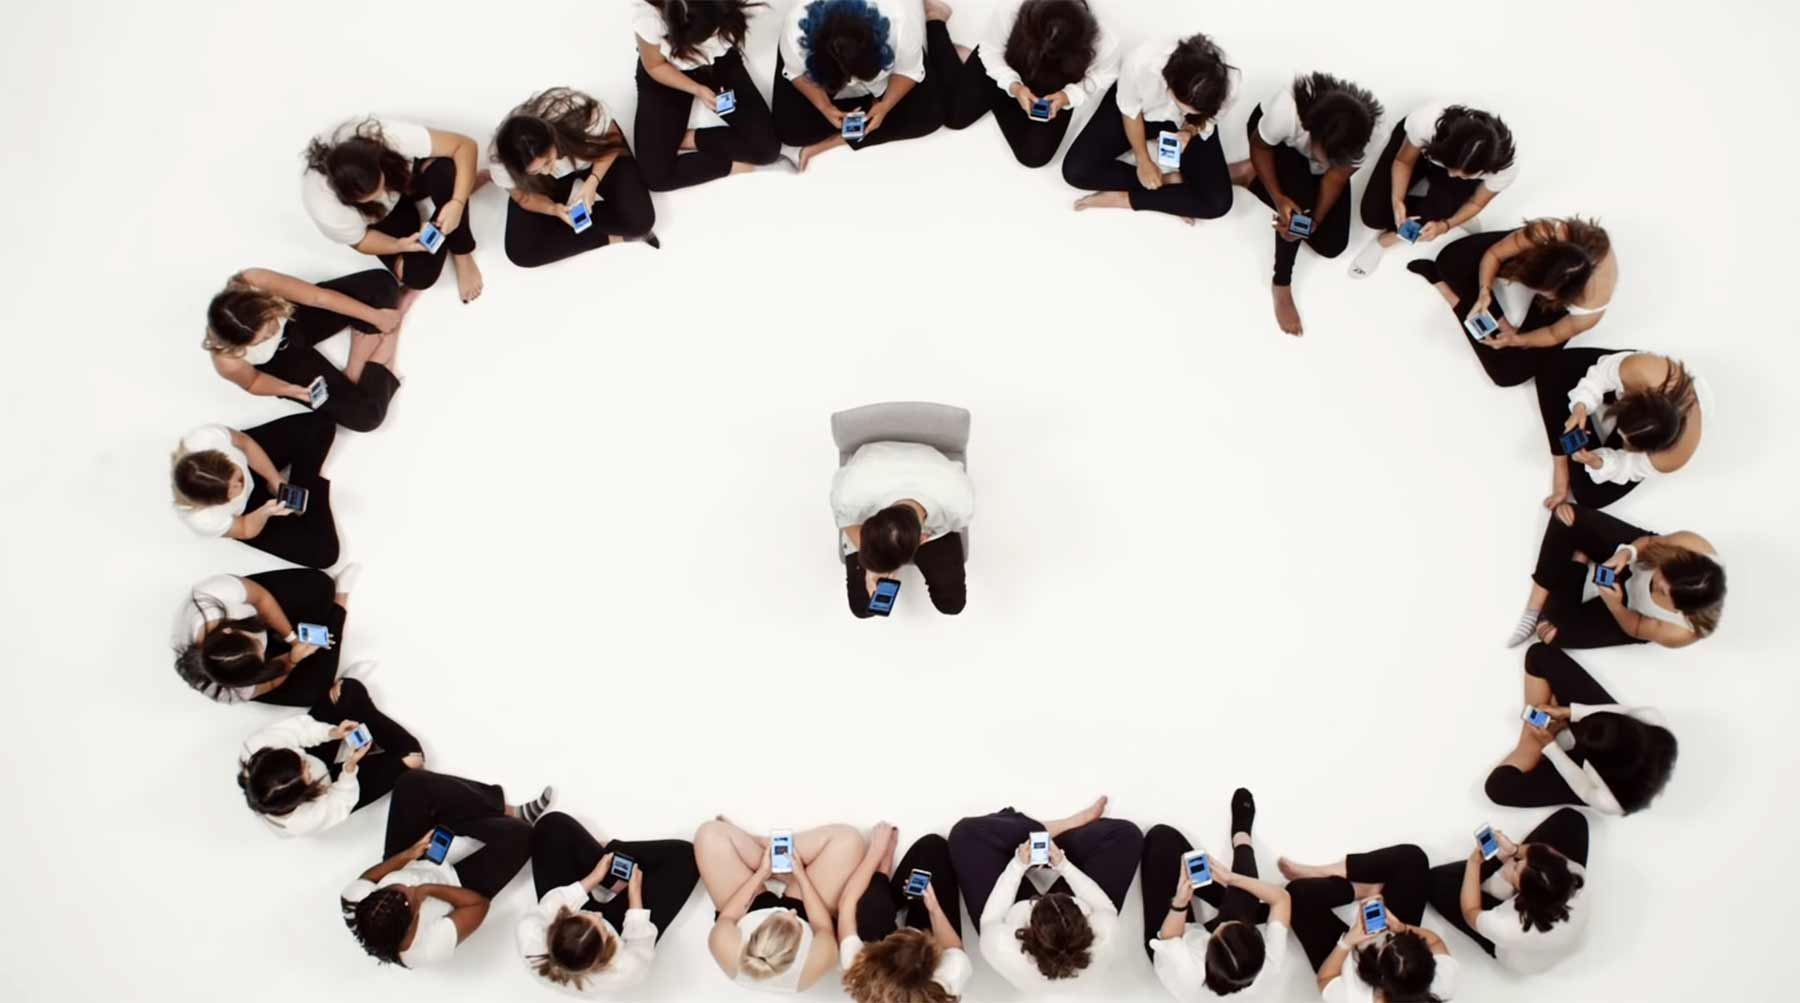 Ein Mann textet mit 20 Frauen, die um ihn herum sitzen